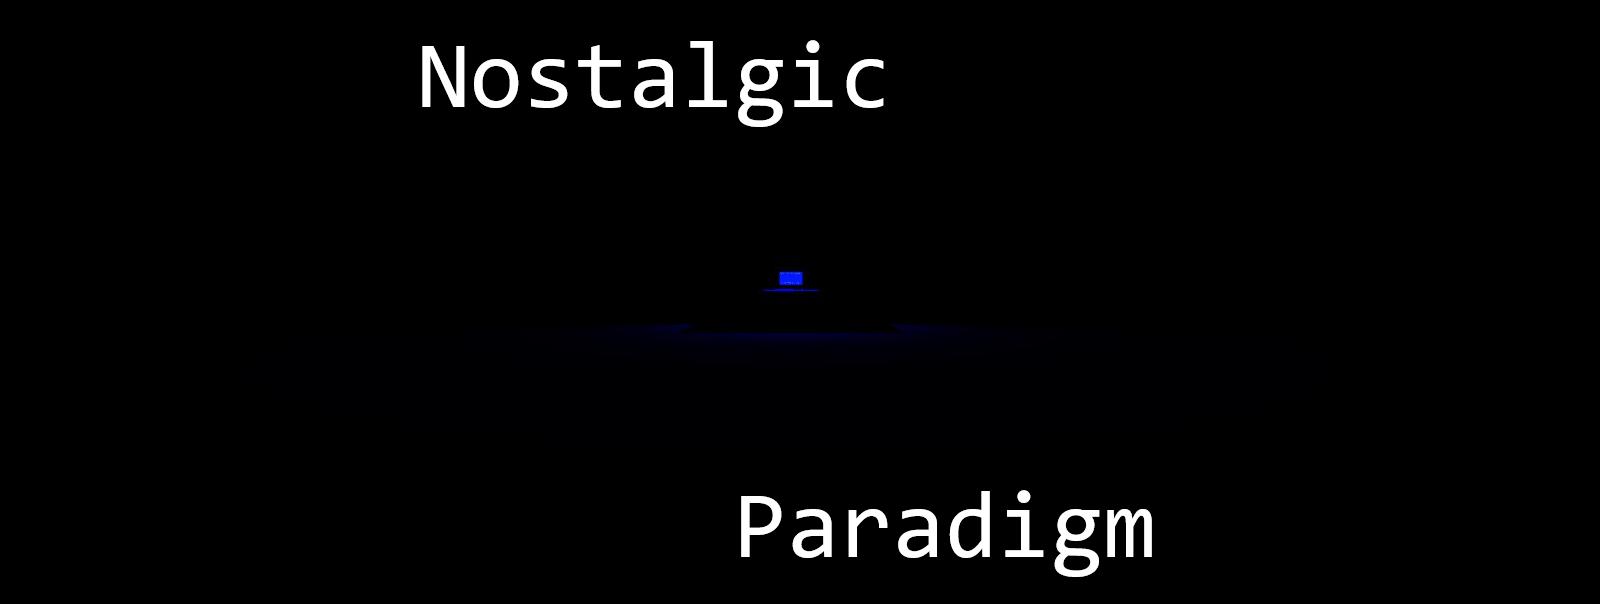 Nostalgic Paradigm